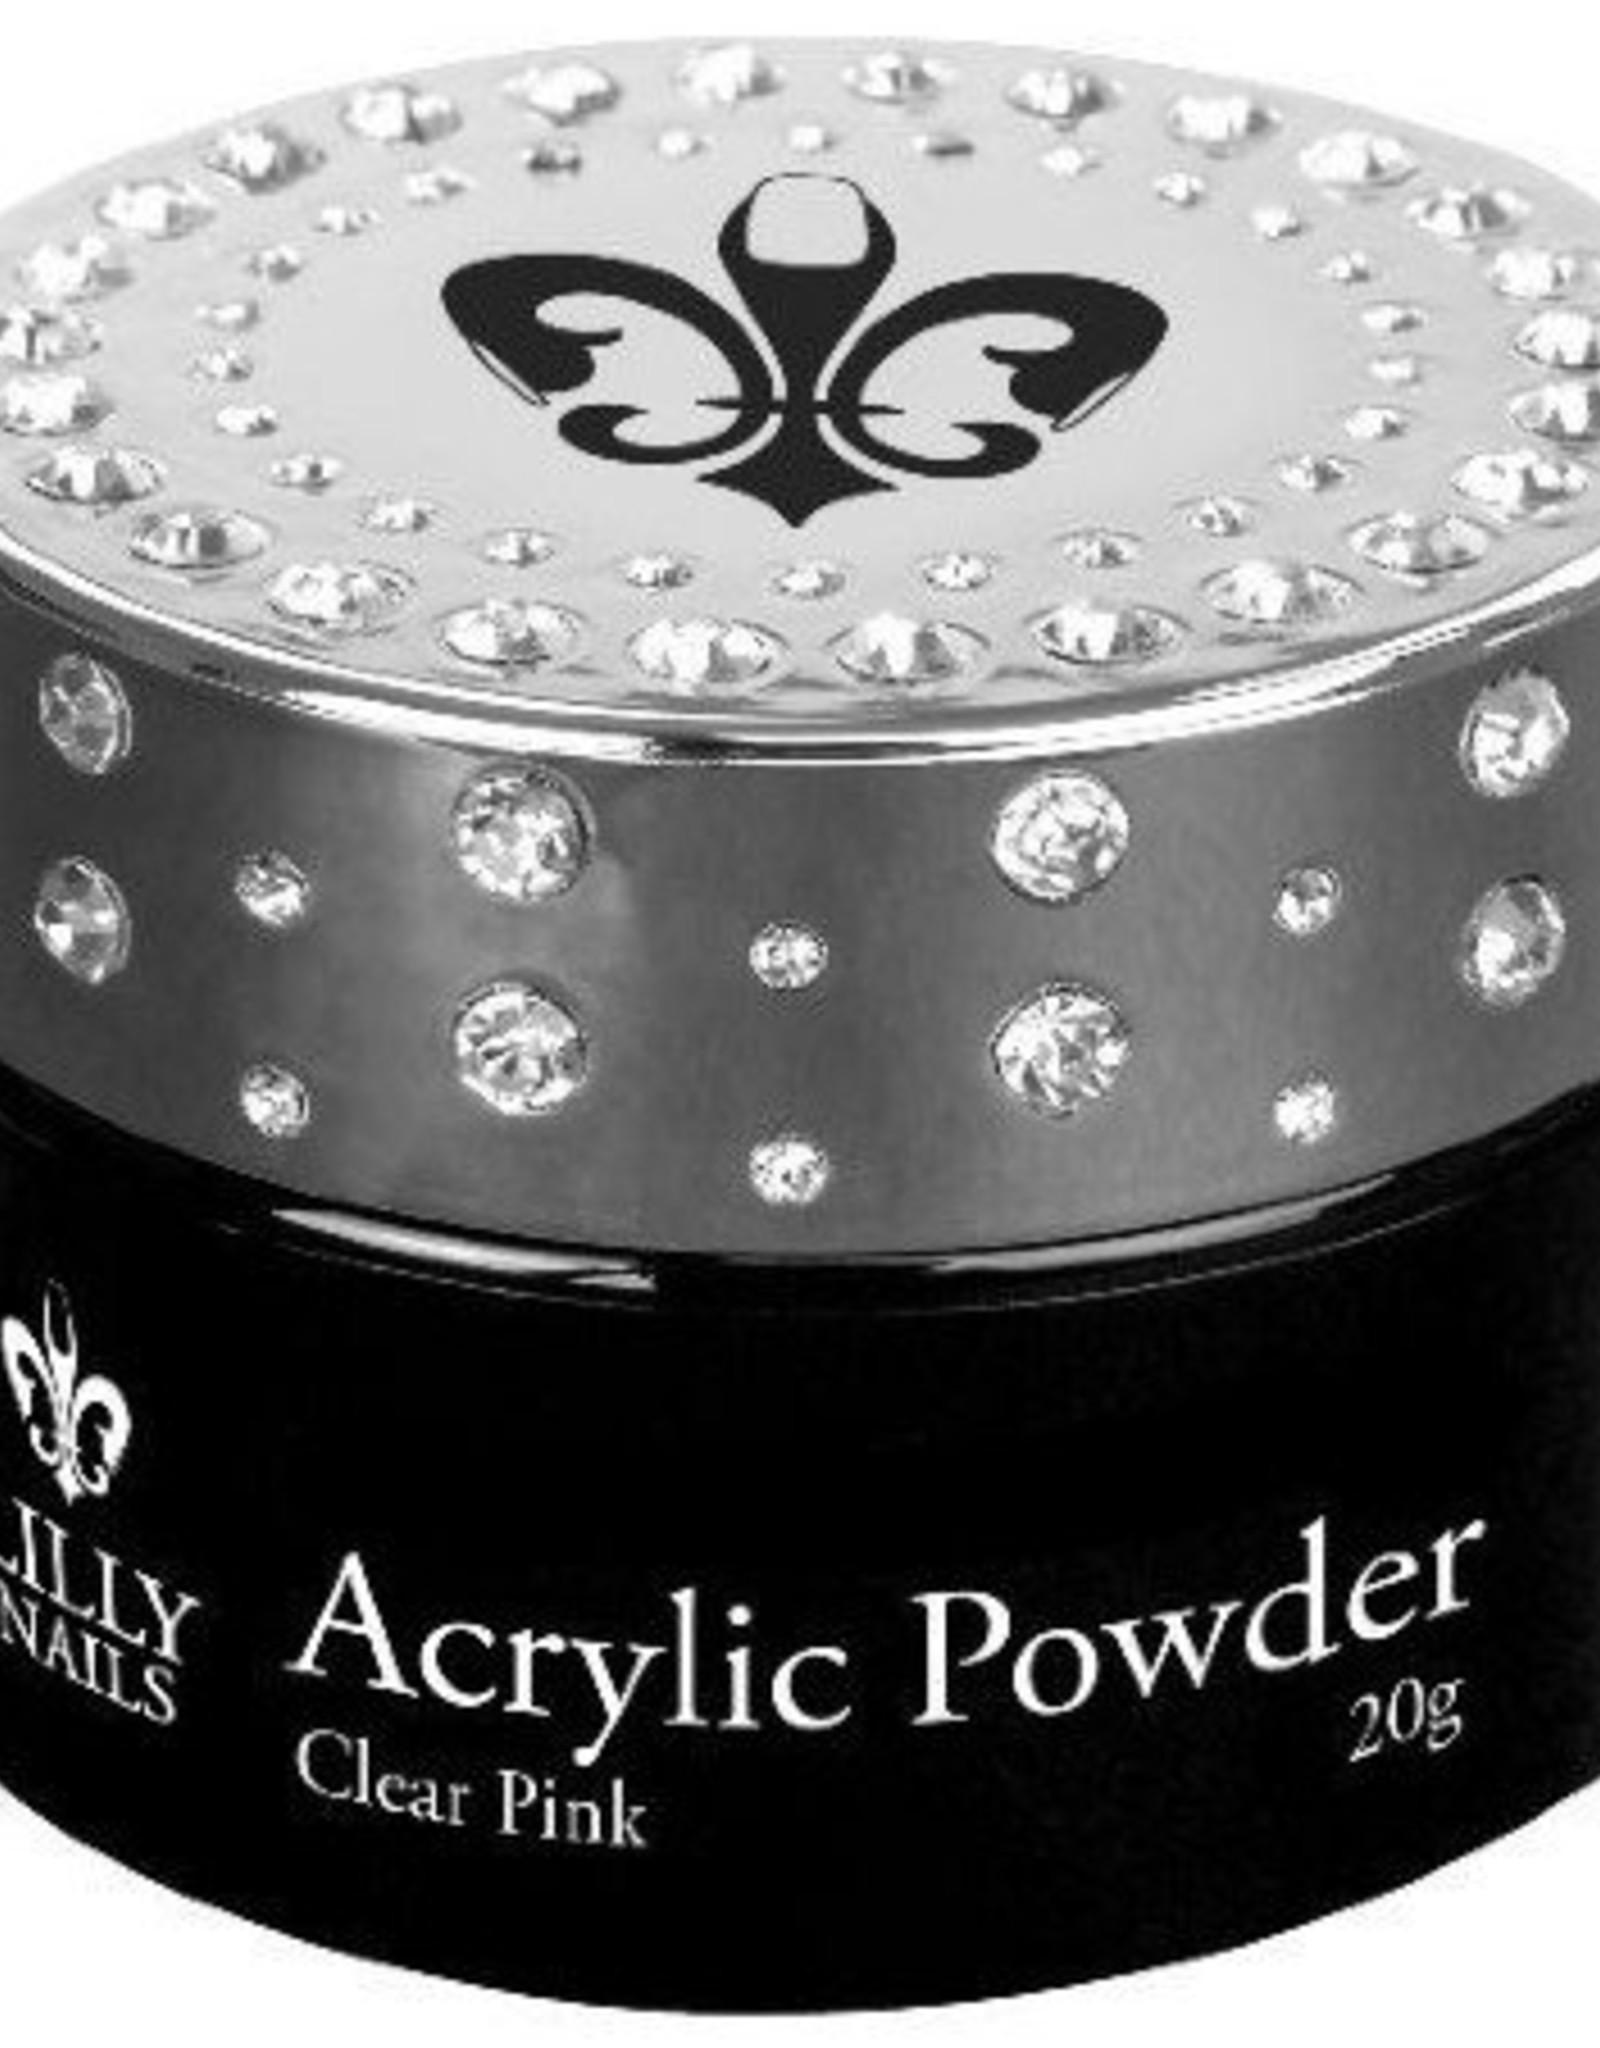 Acrylic Powder Clear Pink